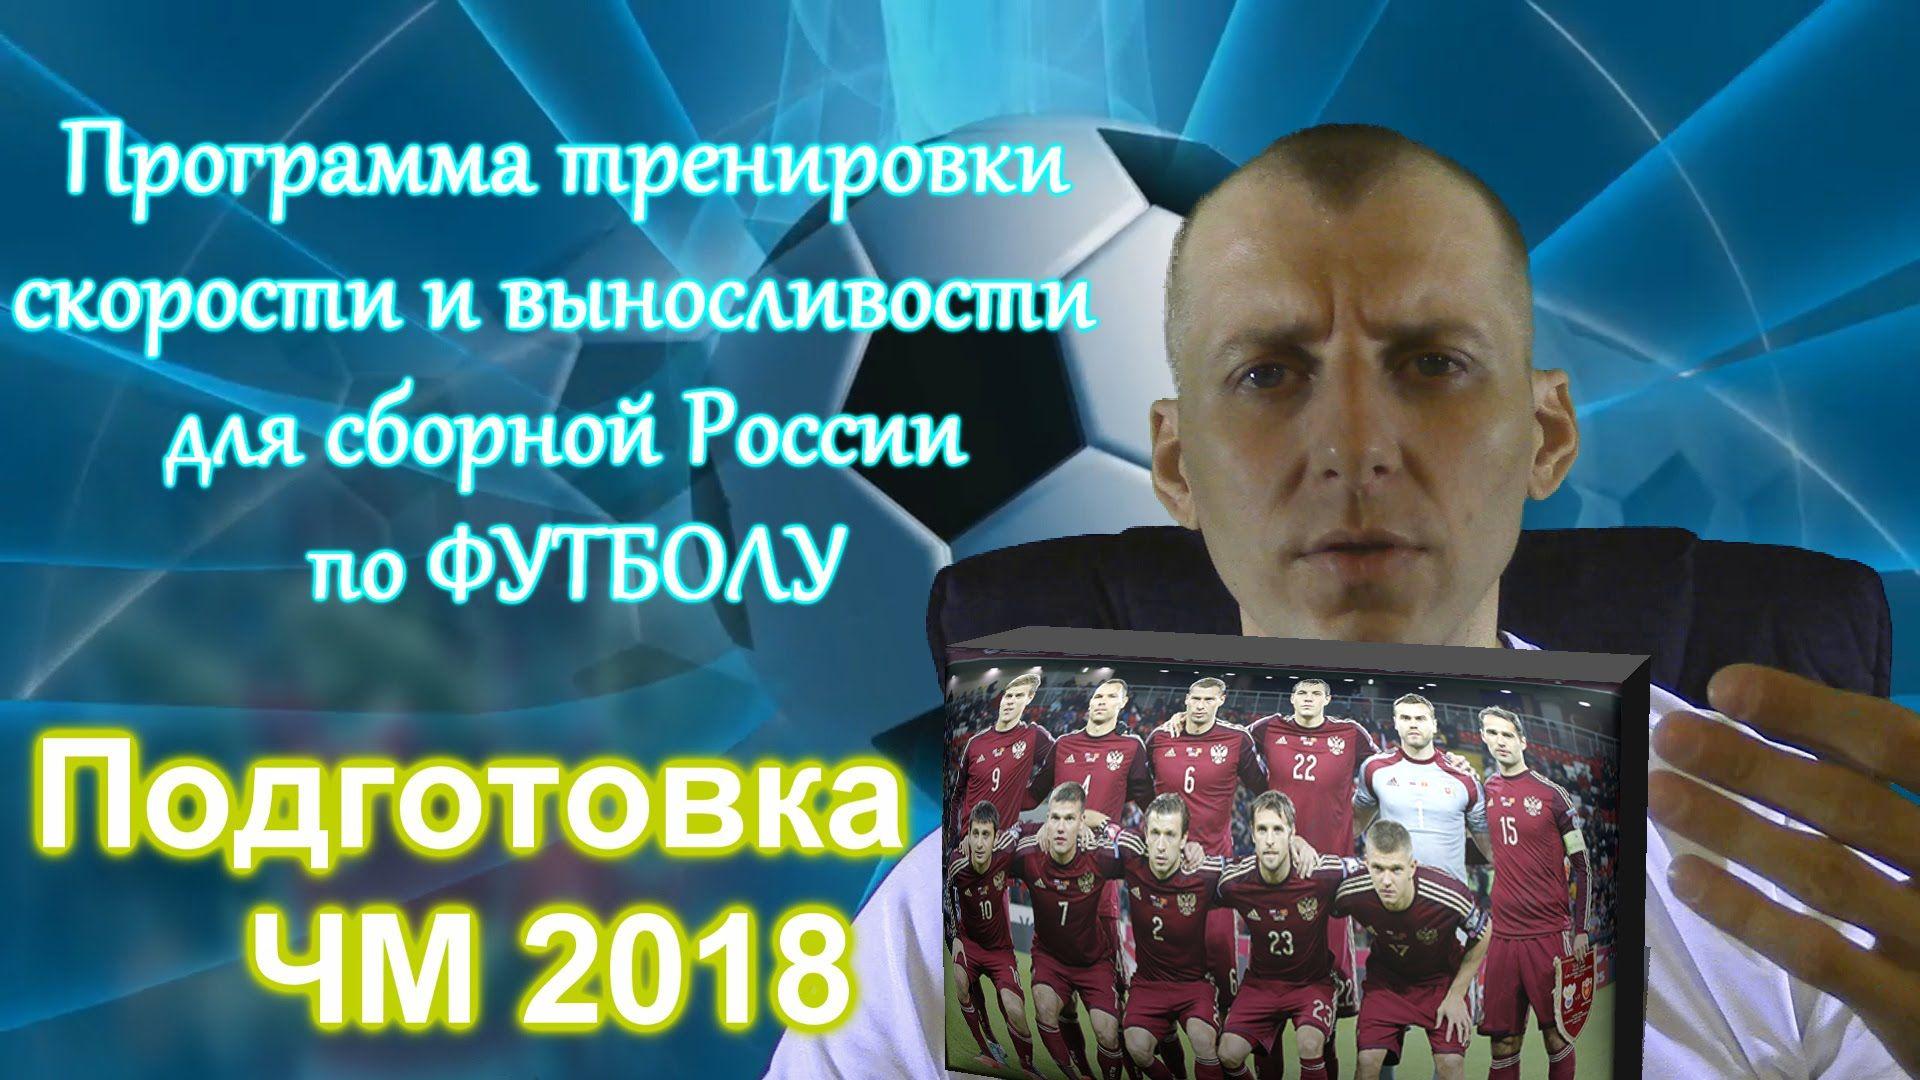 Программа тренировки скорости и выносливости для сборной России по ФУТБО...